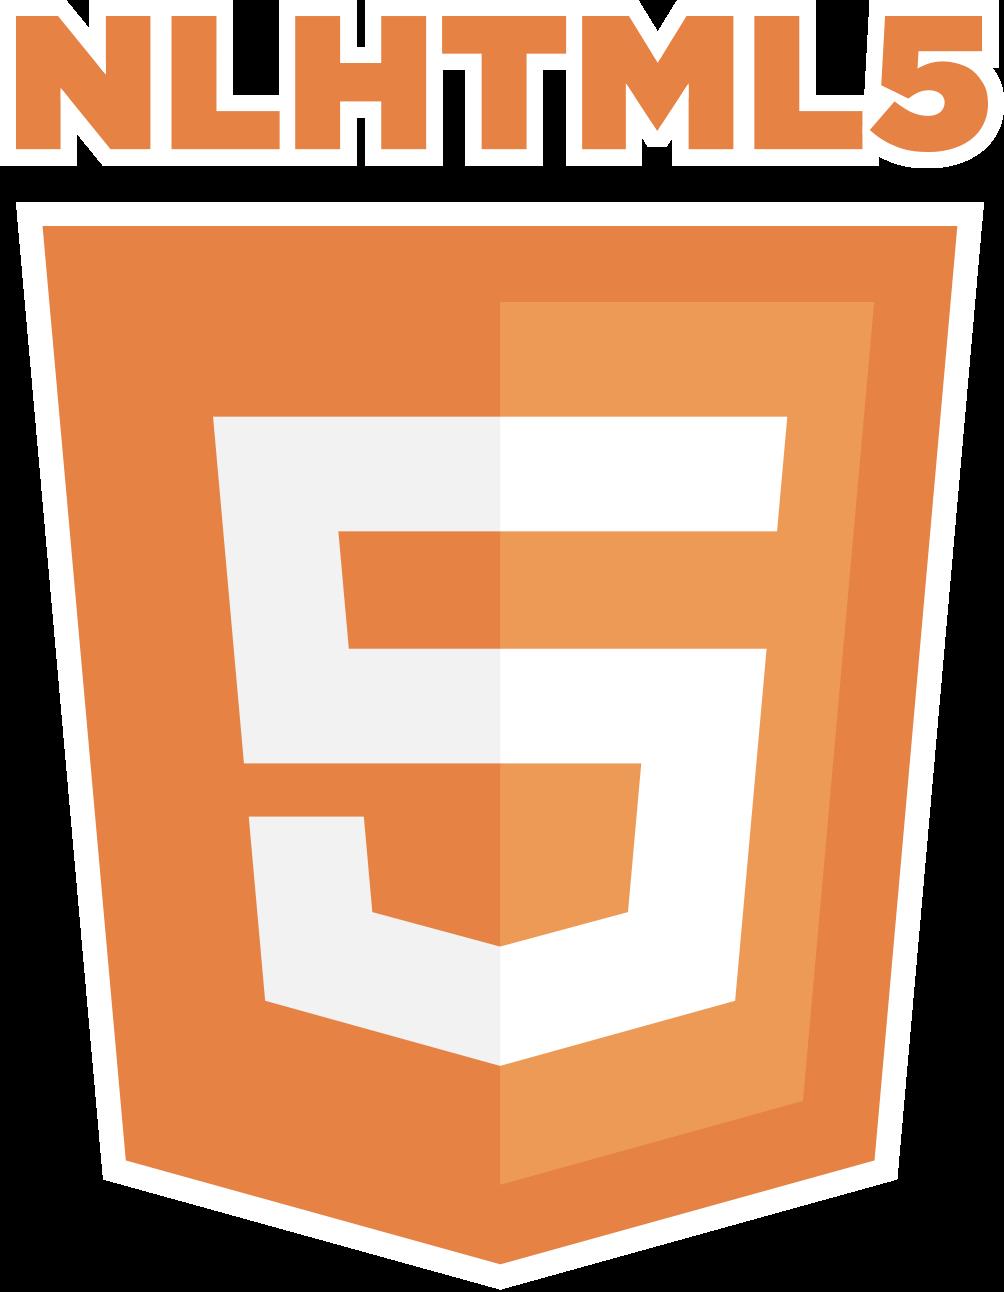 Logo of NLHTML5